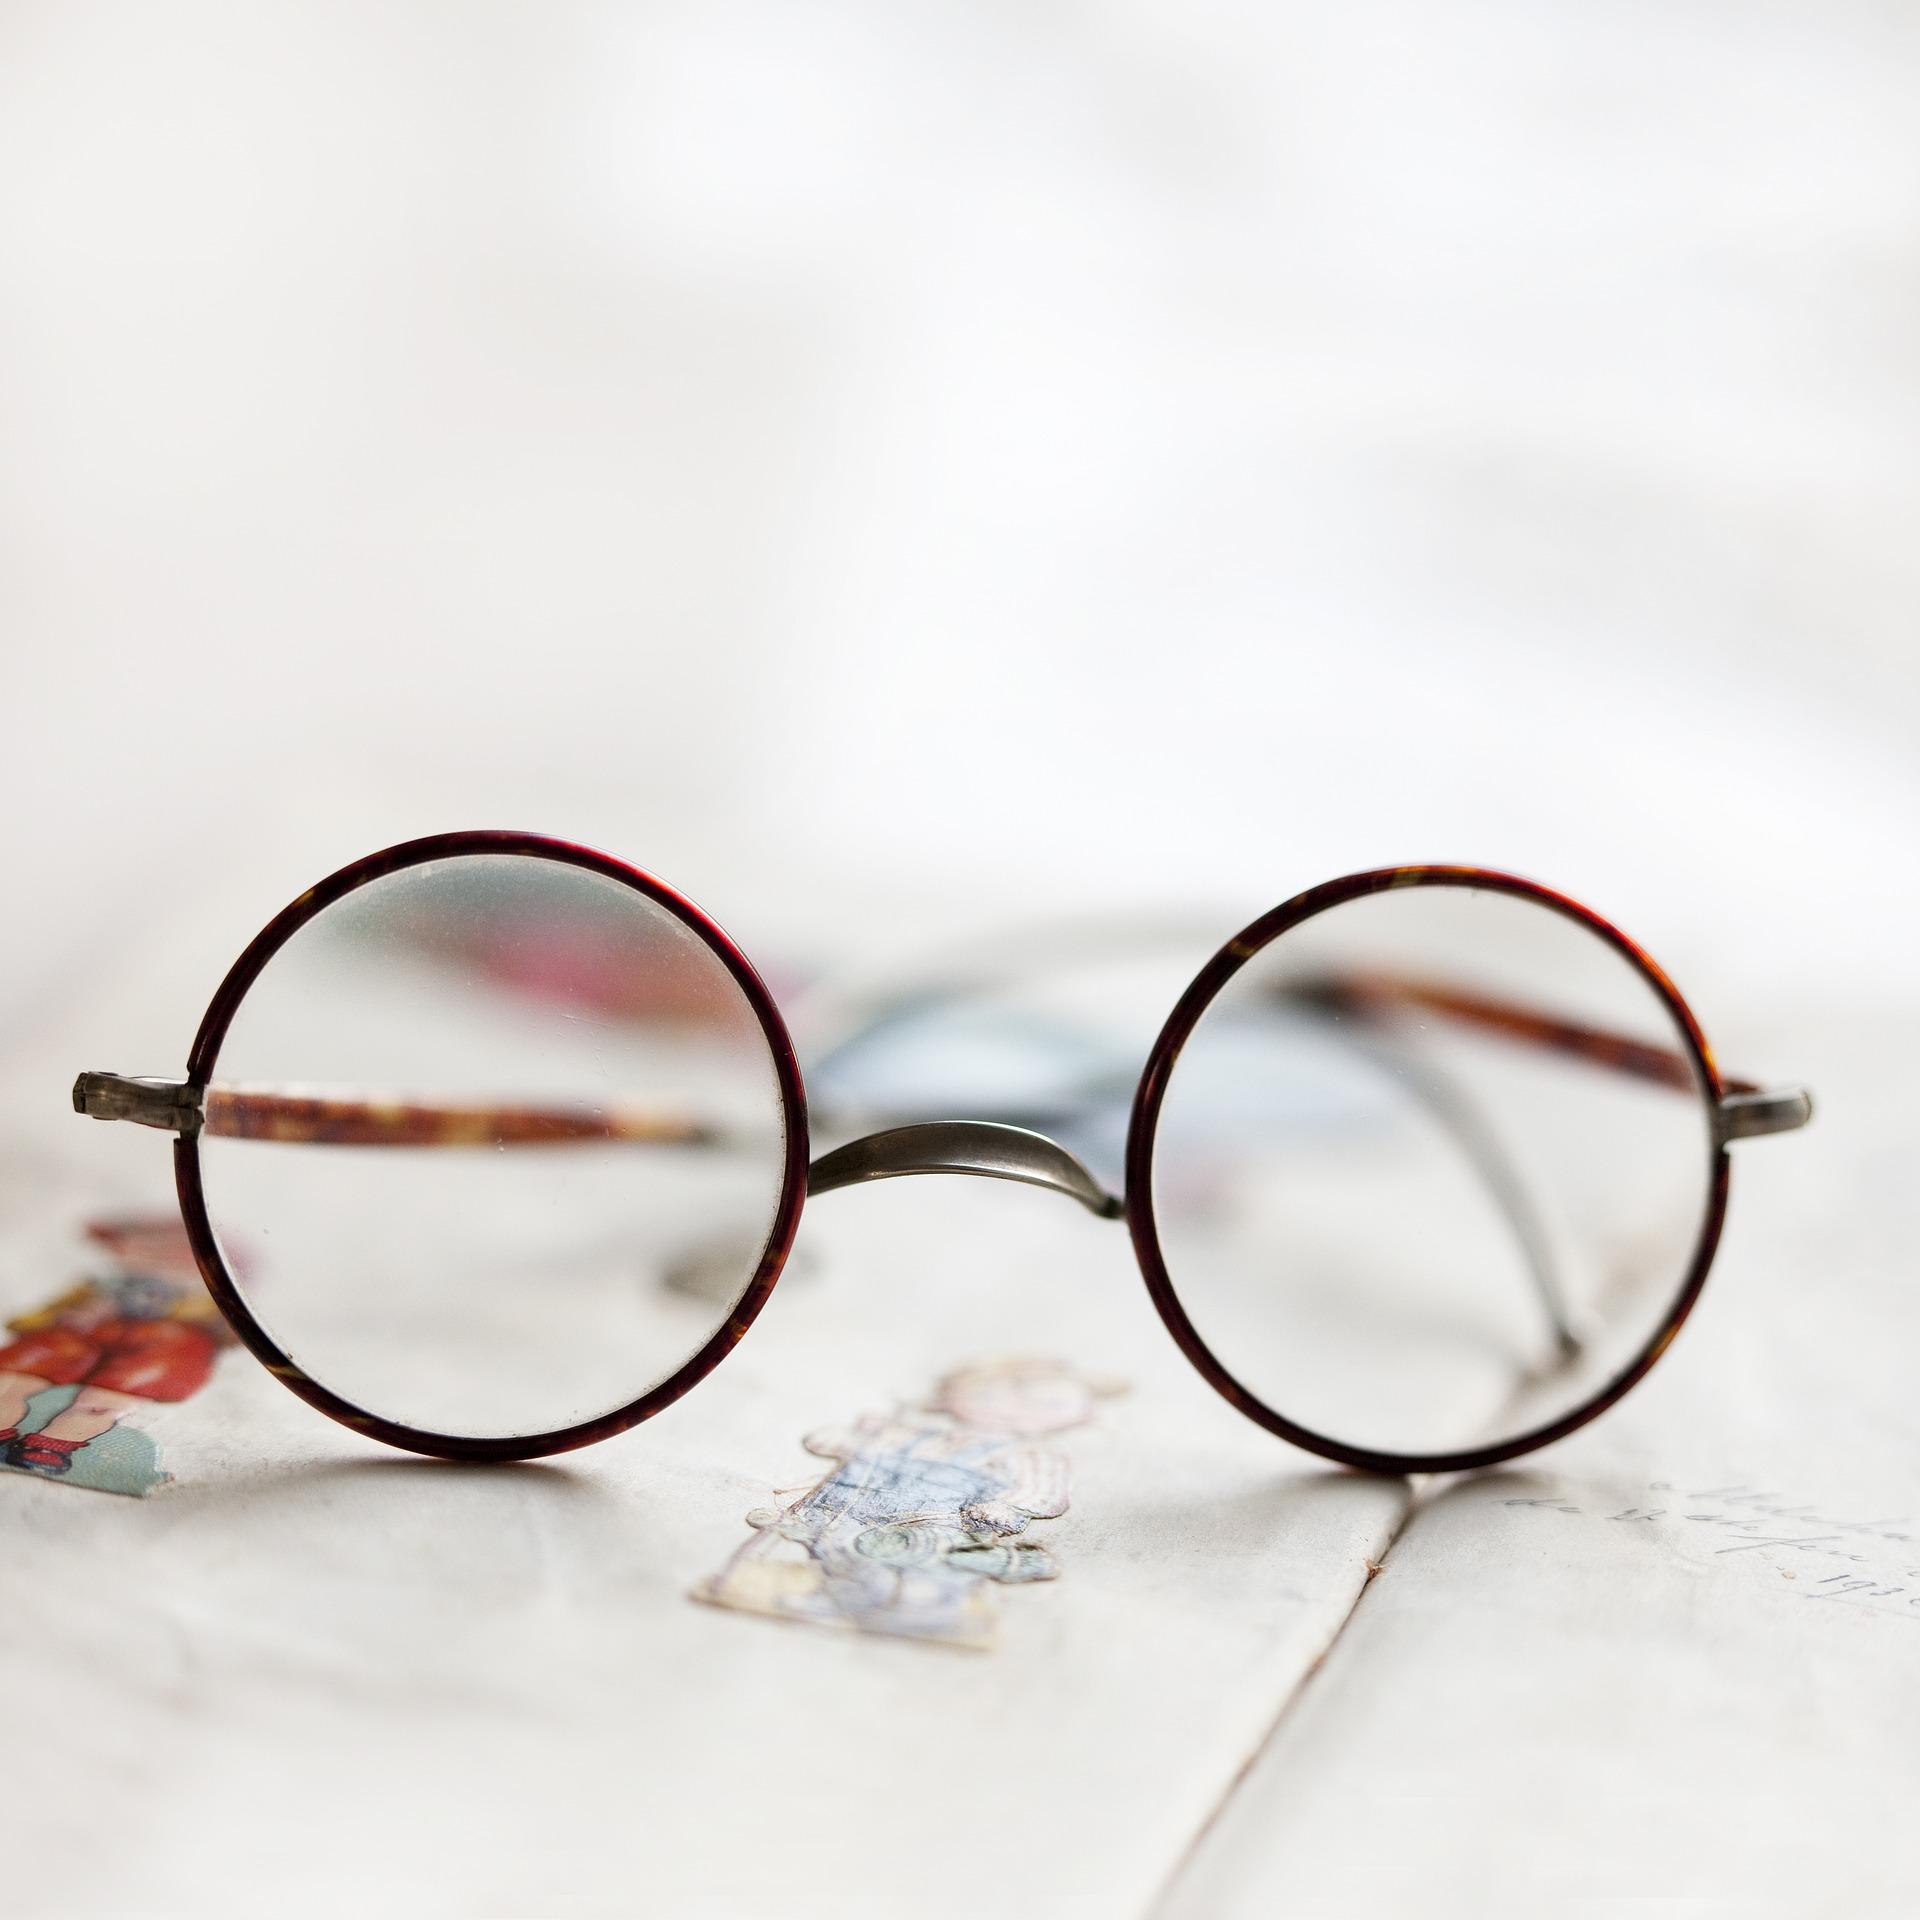 Gutes tun – Wohin mit der alten Brille? - minimalkonzept